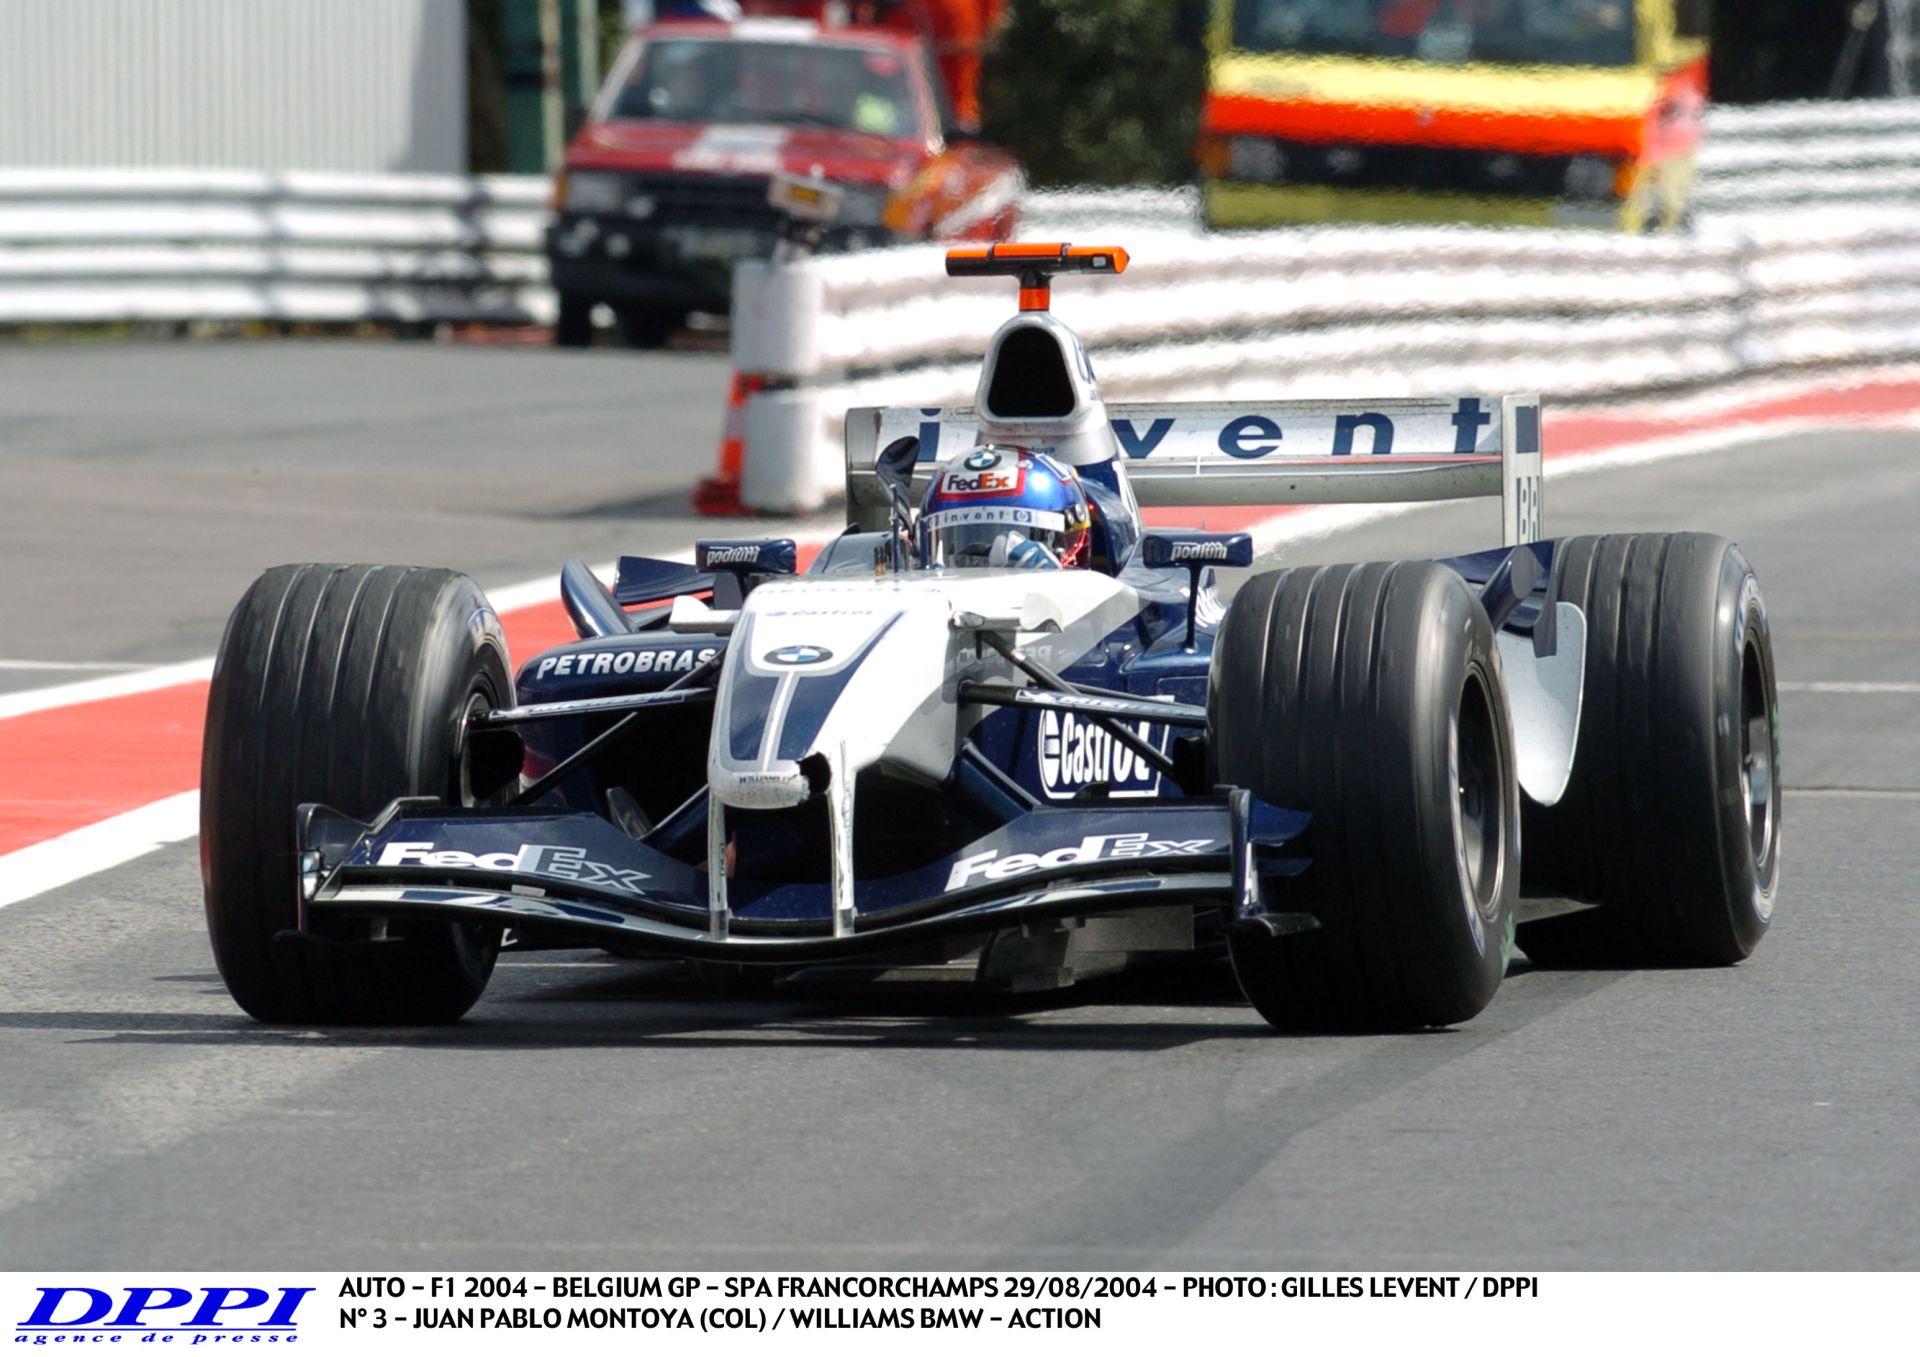 Amikor még valóban vezetni kellett egy F1-es autót: Montoya, William-BMW, Spa - 2004